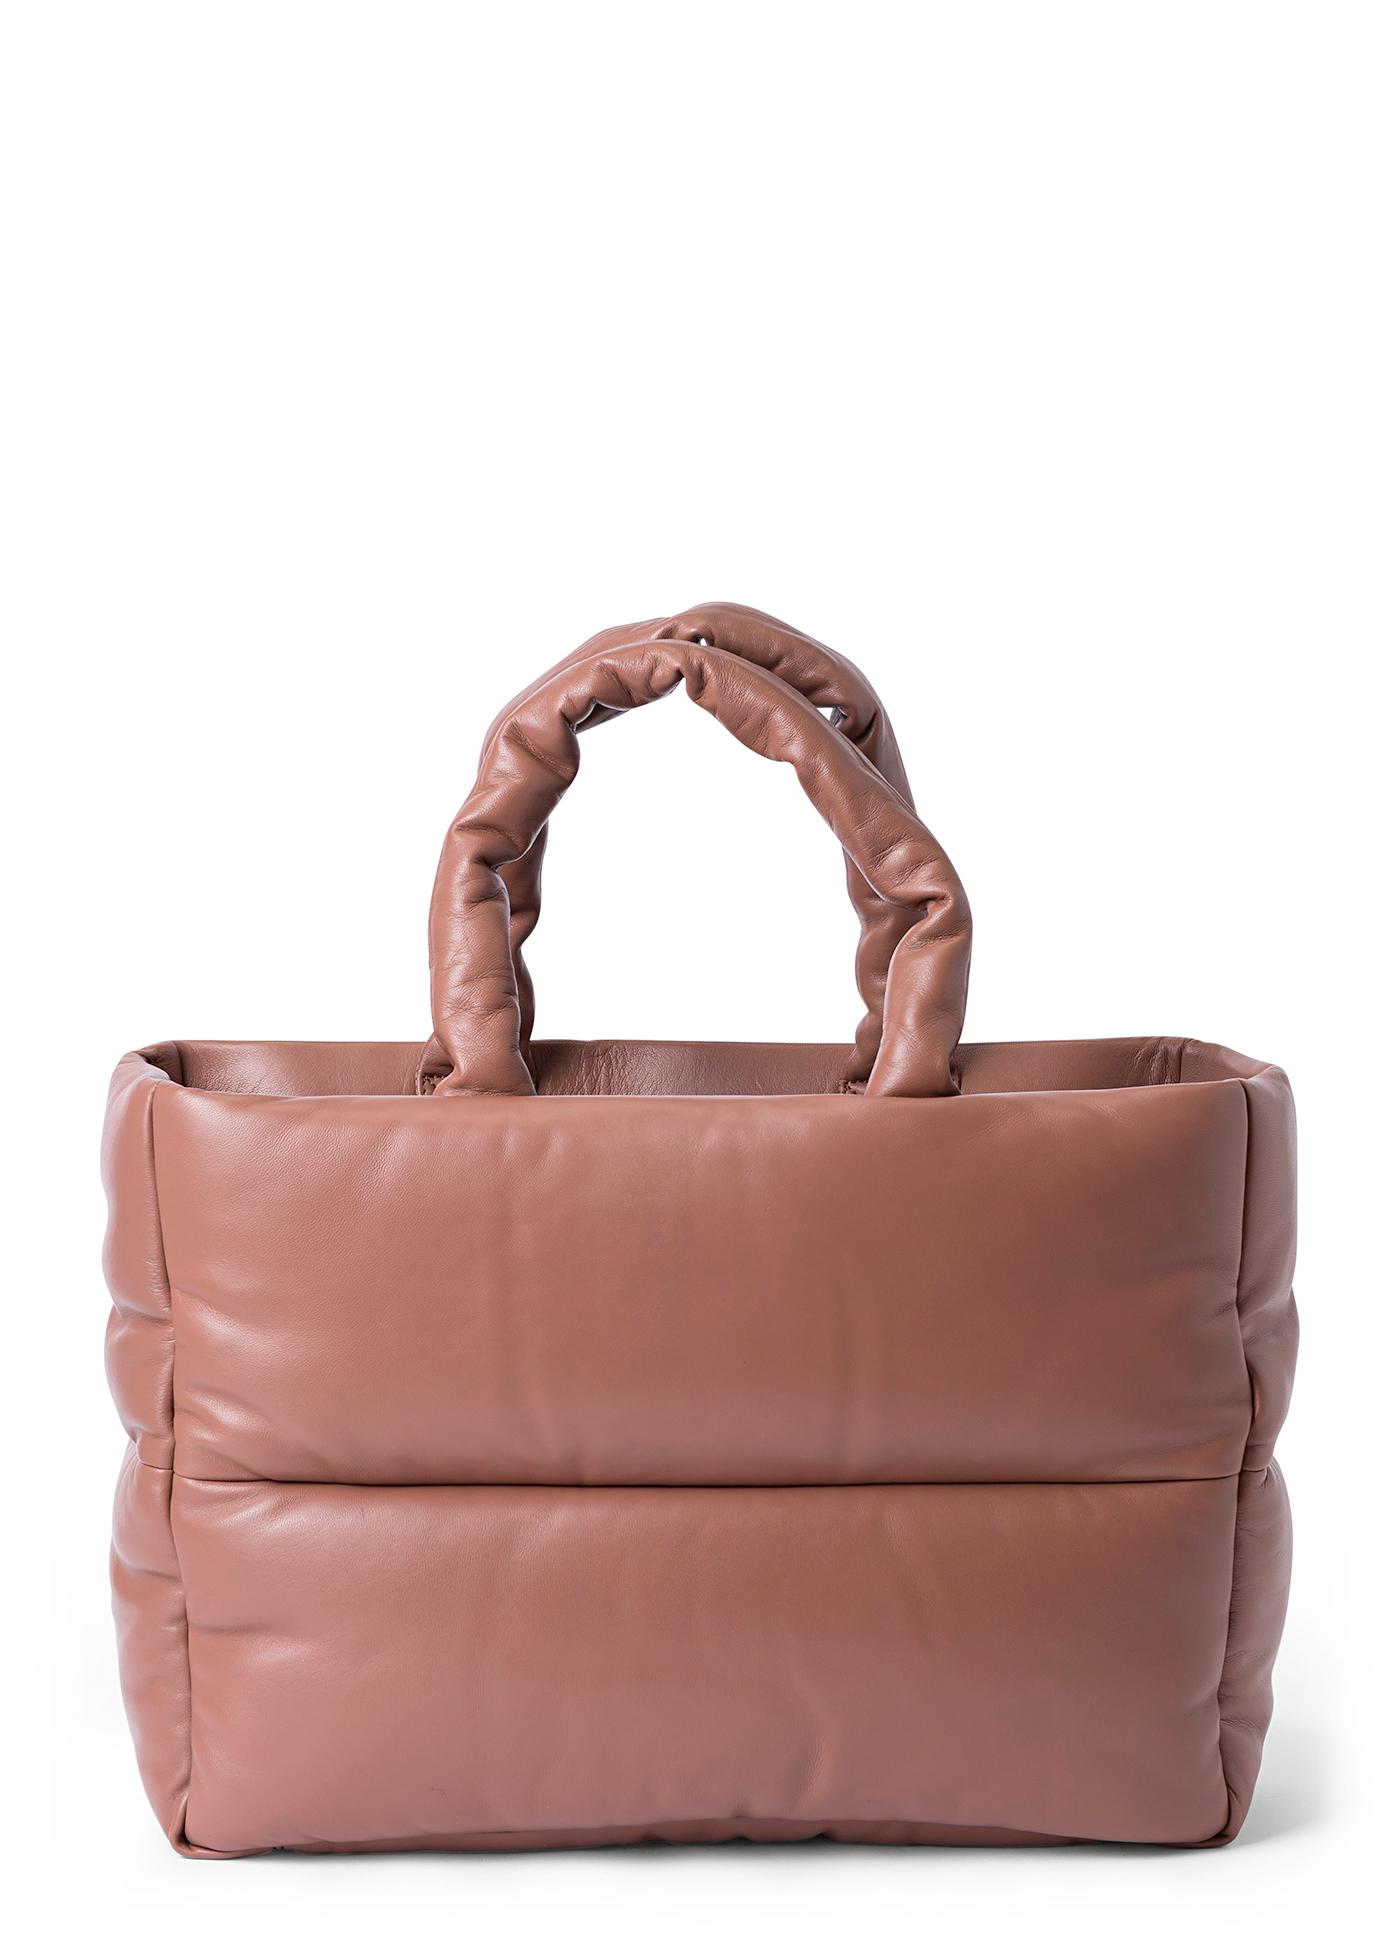 Dafne Leather Bag image number 0